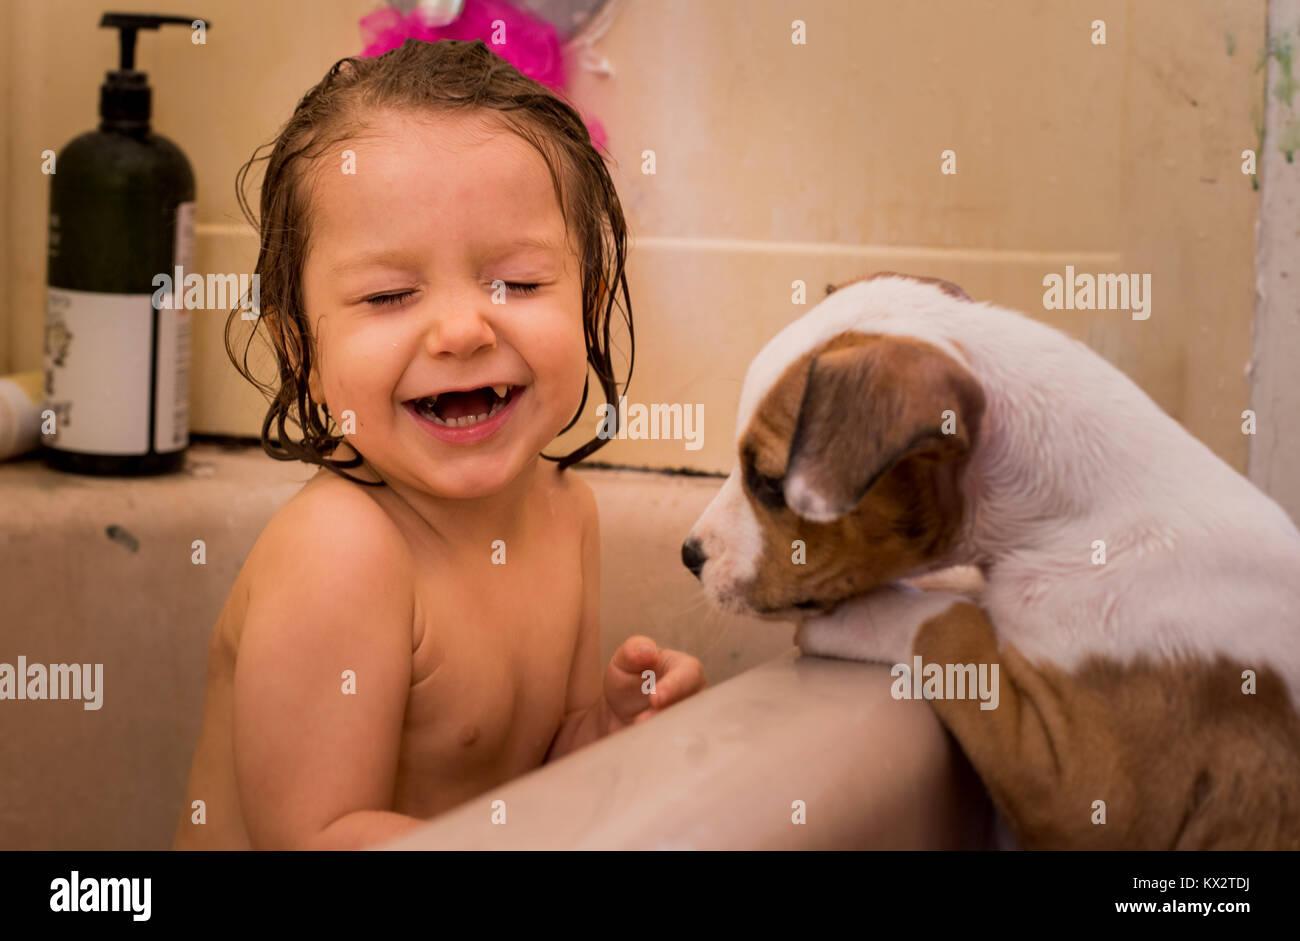 Un bambino ragazza ridere in una vasca da bagno con un cucciolo guardando a lei. Immagini Stock